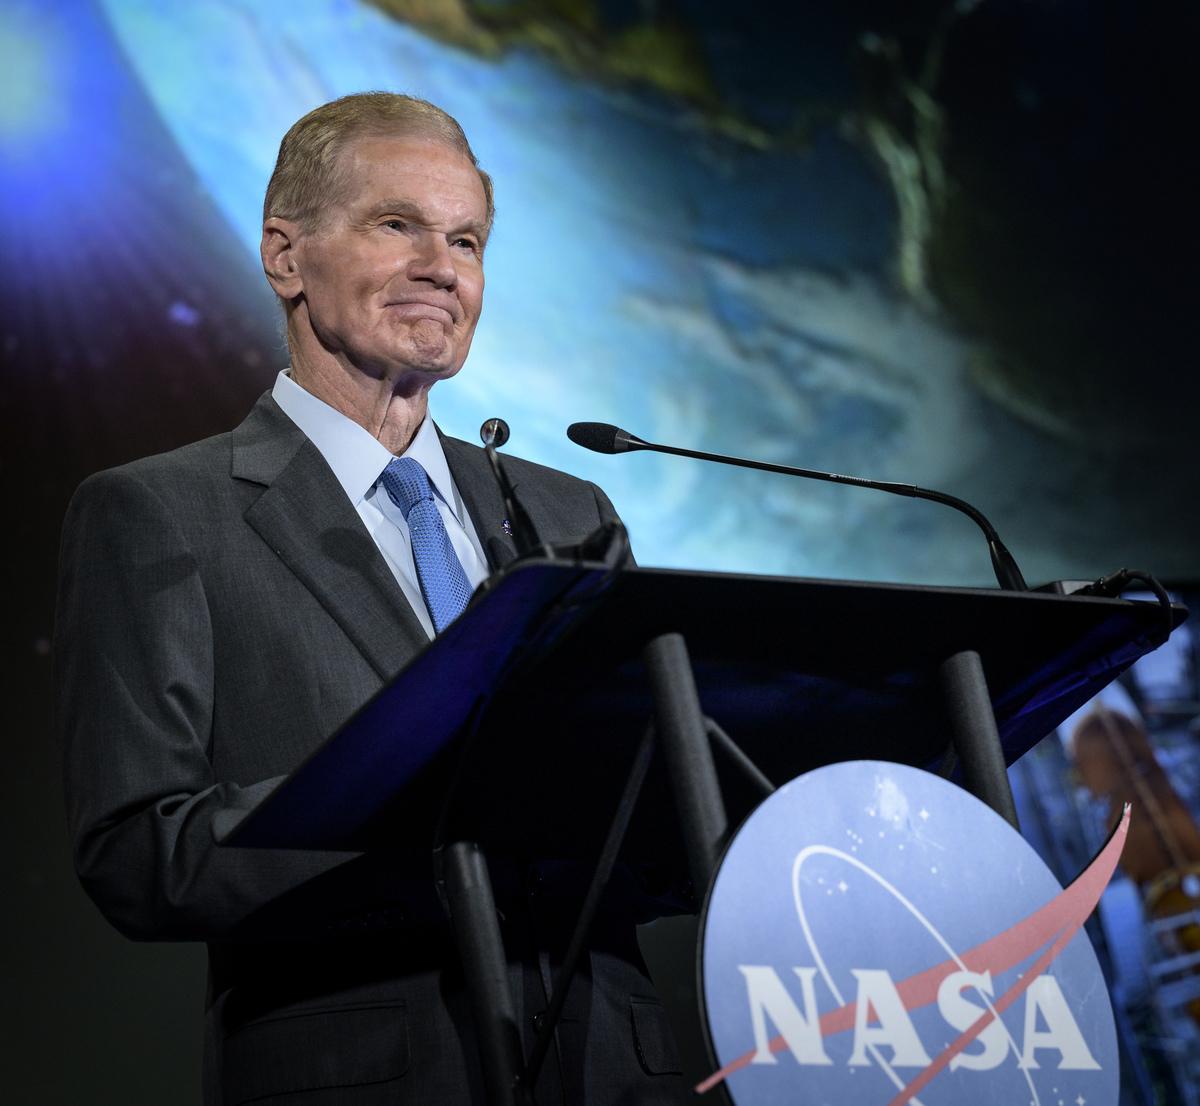 2021年6月2日(華盛頓特區),美國太空總署(NASA)局長納爾遜(Bill Nelson)於NASA總部——瑪麗W傑克遜大樓(Mary W. Jackson Building)舉行的首次NASA狀況活動中與該機構的工作人員交談。(Bill Ingalls/NASA via Getty Images)